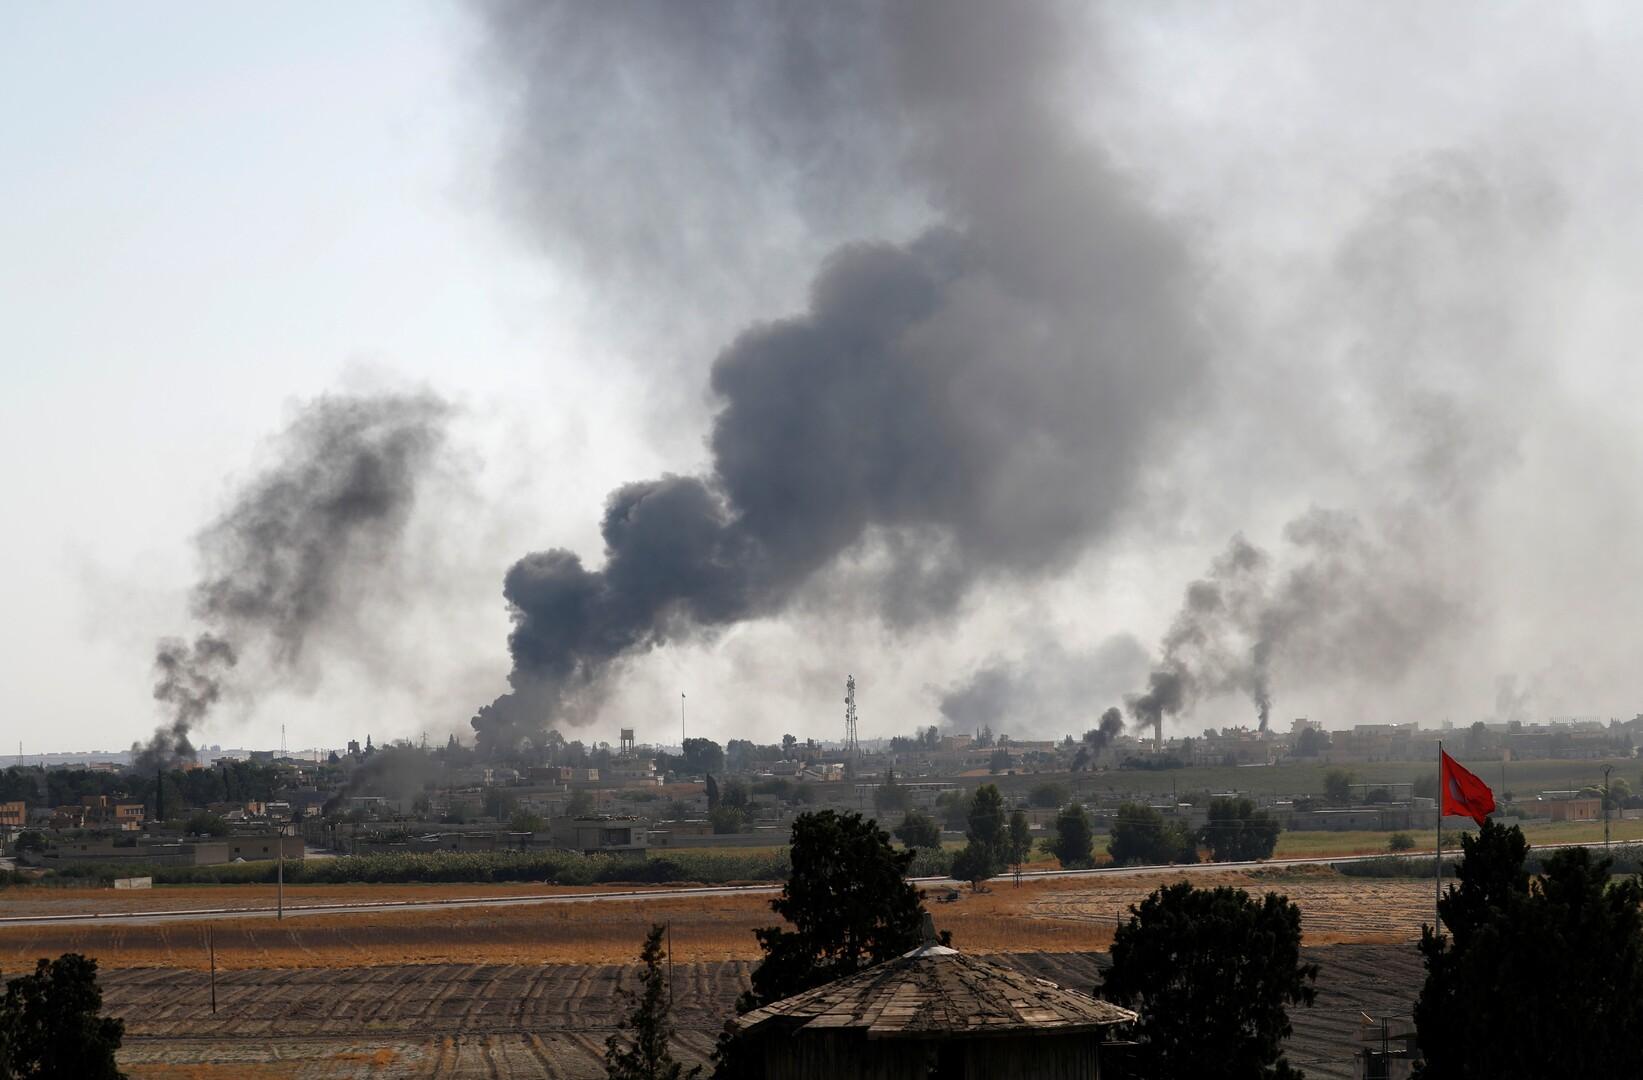 موسكو وبغداد تؤكدان استعدادهما للإسهام في استقرار الوضع شمال شرق سوريا